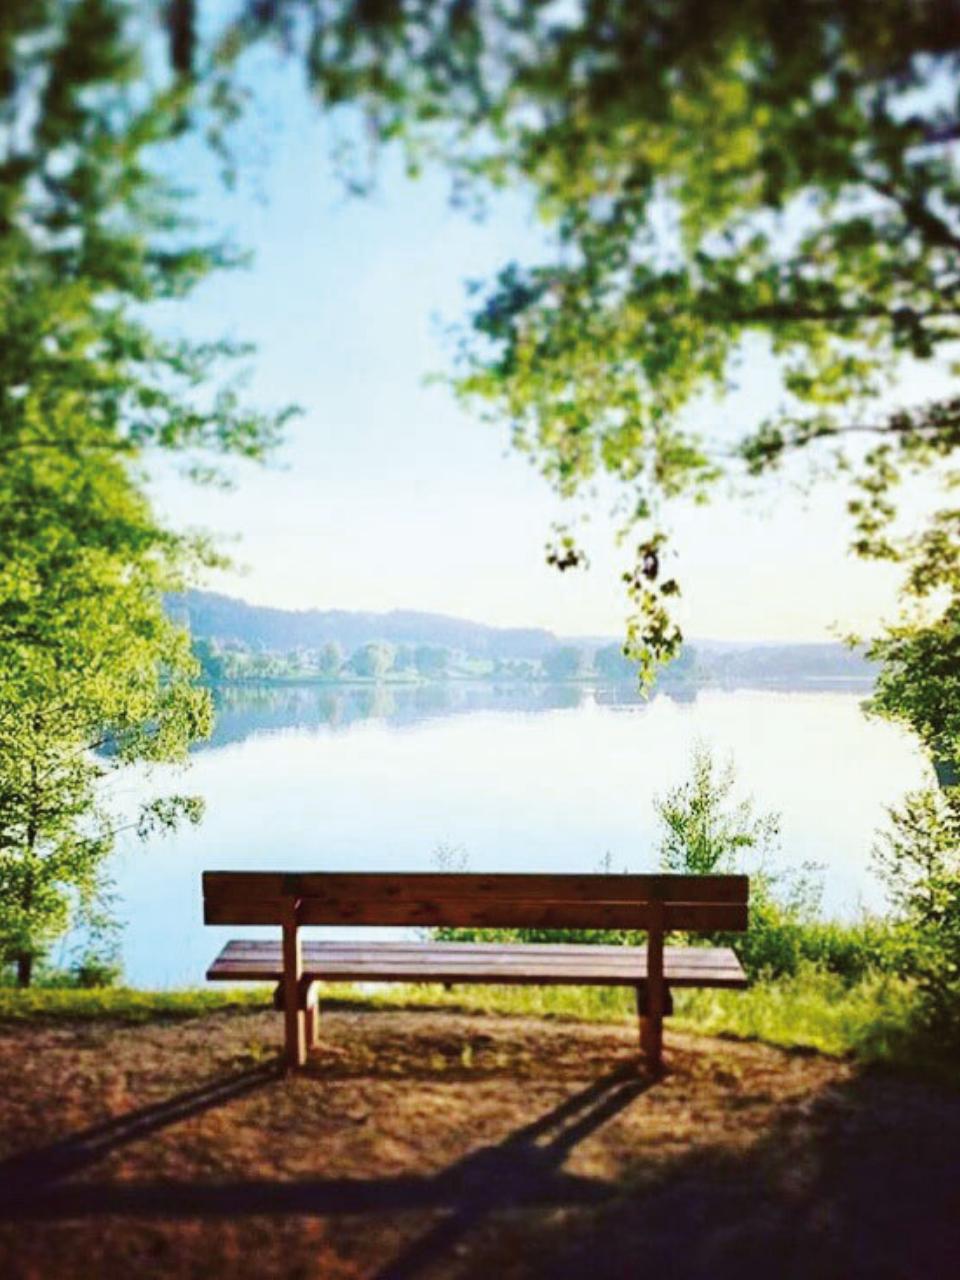 Geniessen Sie die Ruhe unserer Wälder